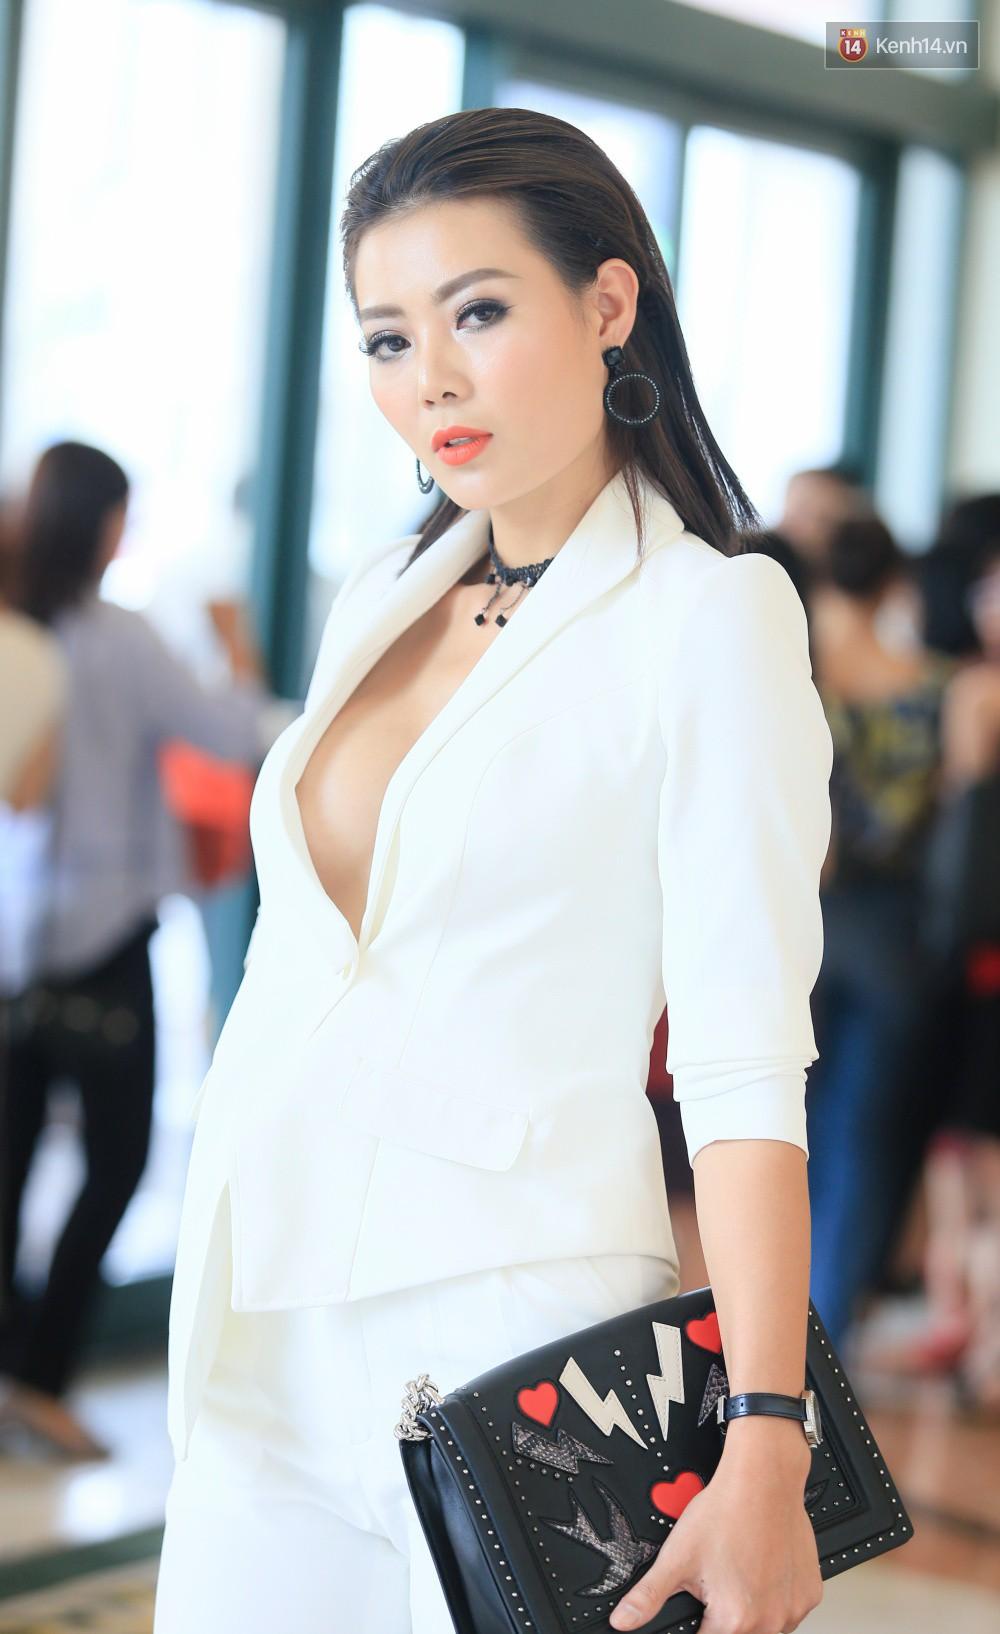 Vào vai gái làng chơi, dàn sao nữ phim Quỳnh búp bê đồng loạt khoe ngực táo bạo trong họp báo - Ảnh 2.